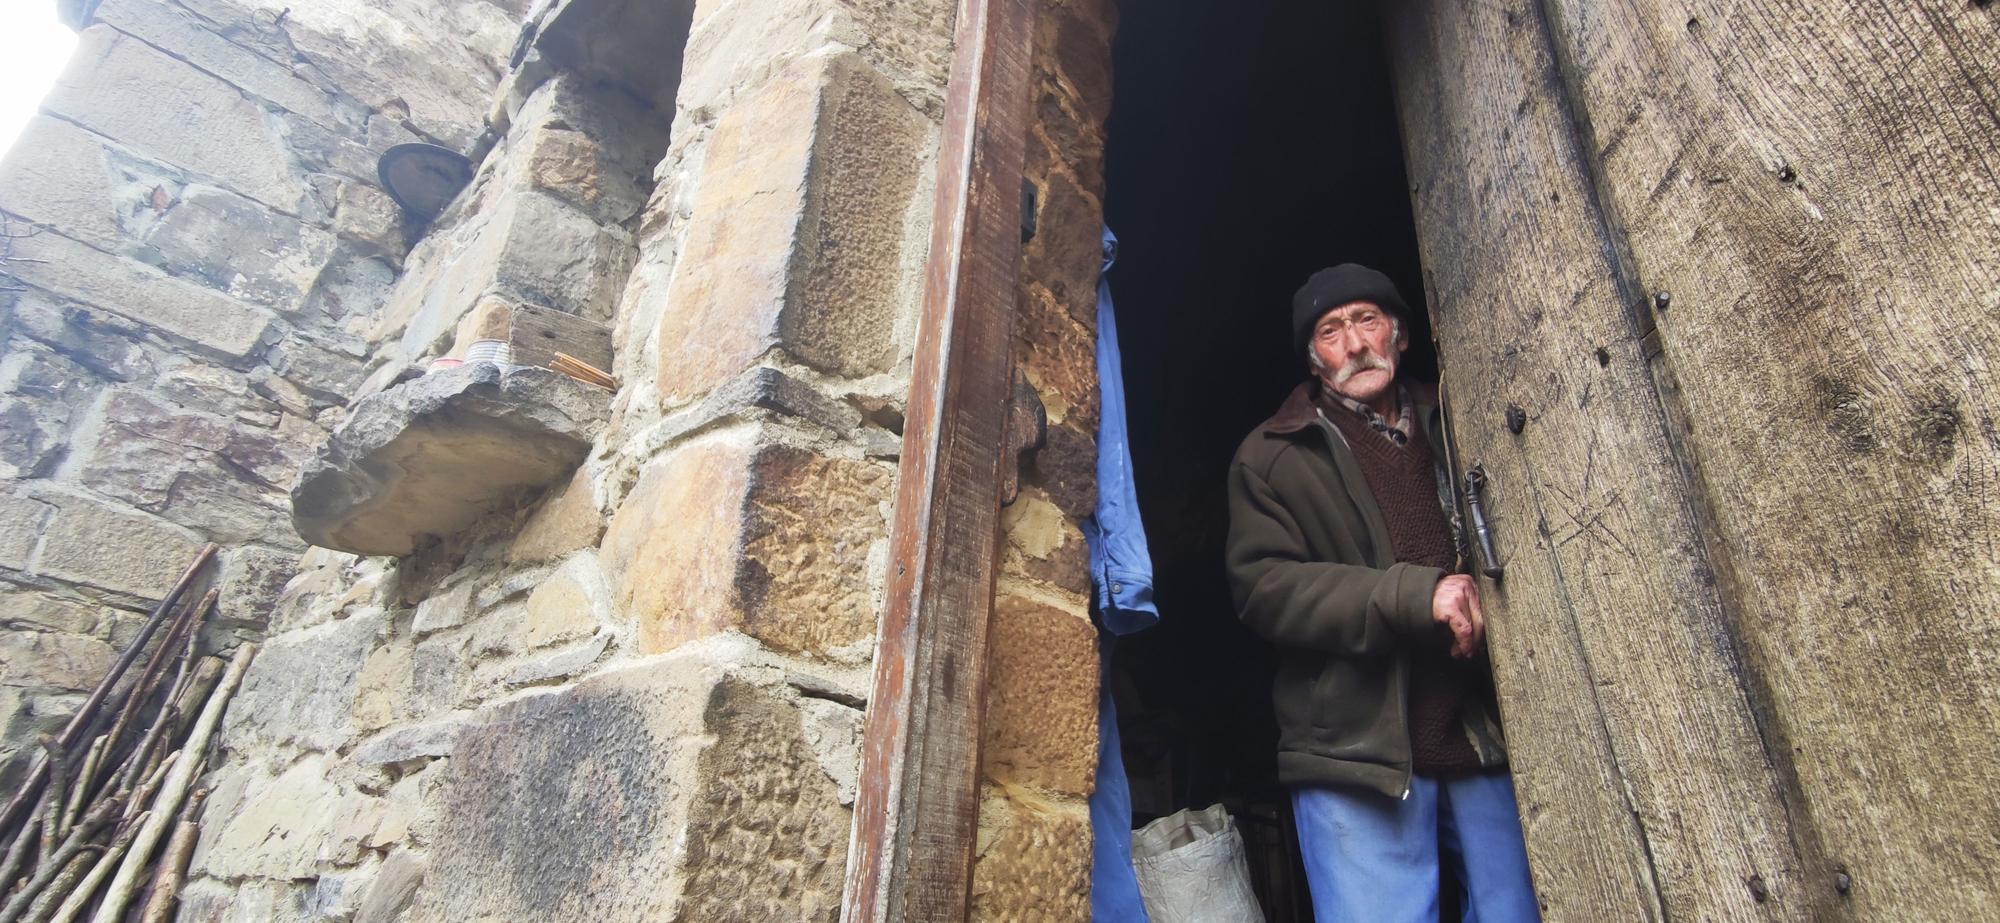 Cándido abre la puerta de su casa, en Conforcos (Aller)